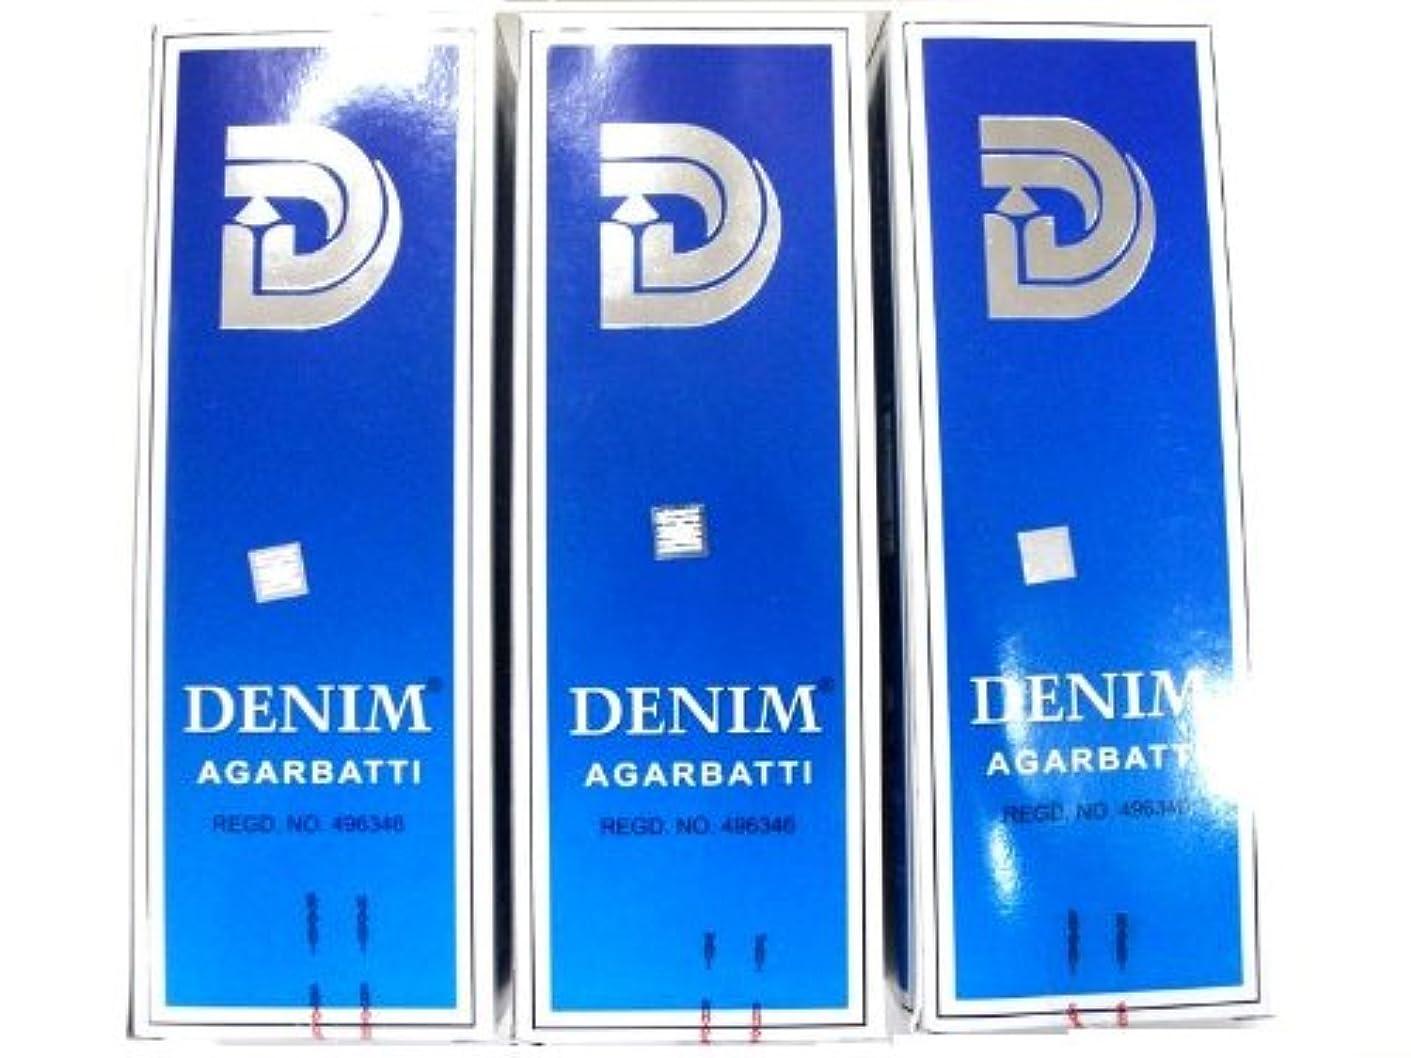 温帯ご注意寛容なSHASHI スティックお香/六角香/ヘキサパック(18箱)3ケースセット(デニム)